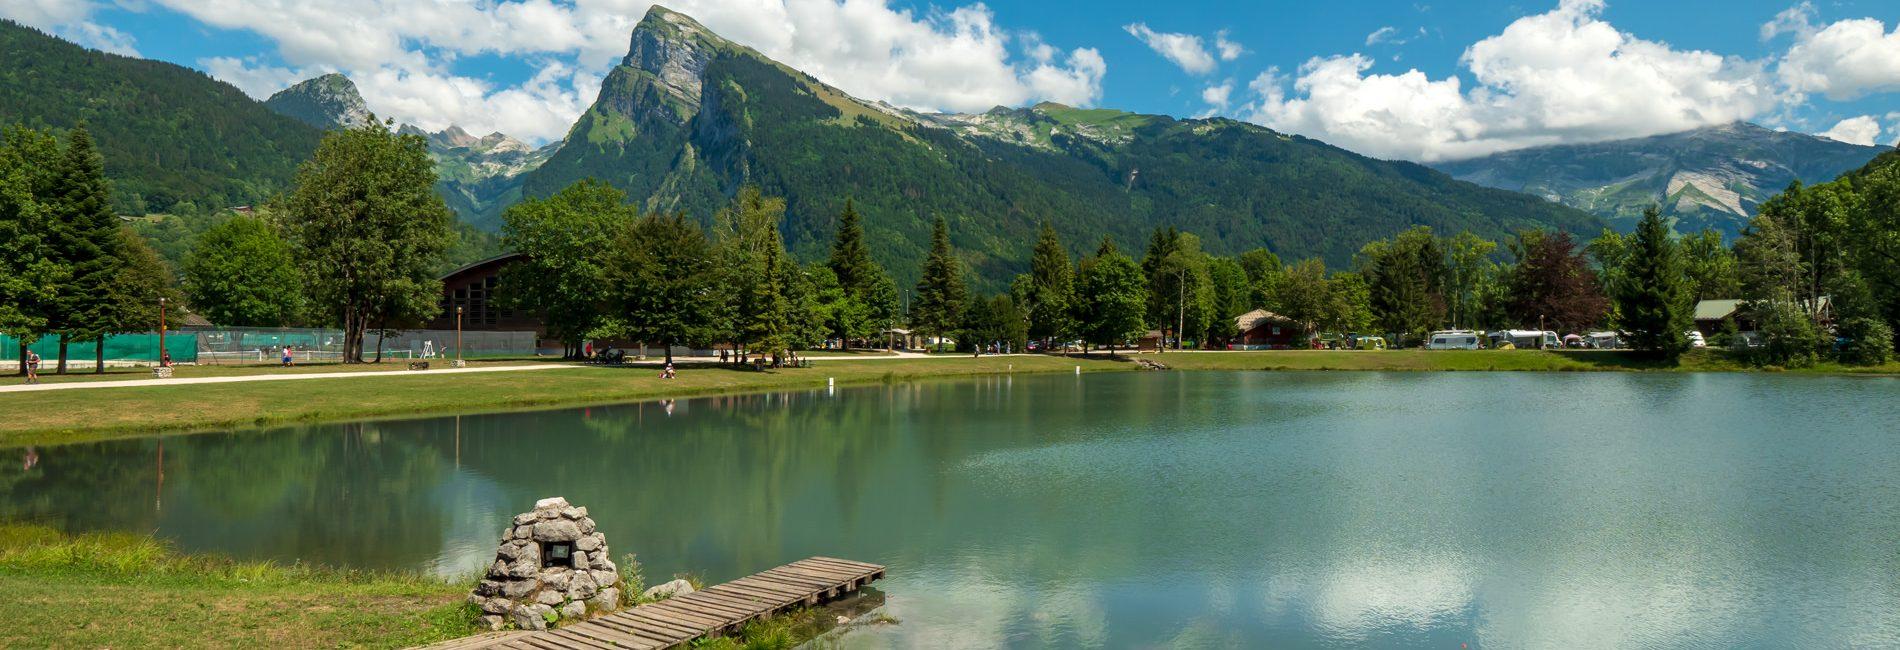 027 08 19 Lac aux dames Samoens © Gilles Piel